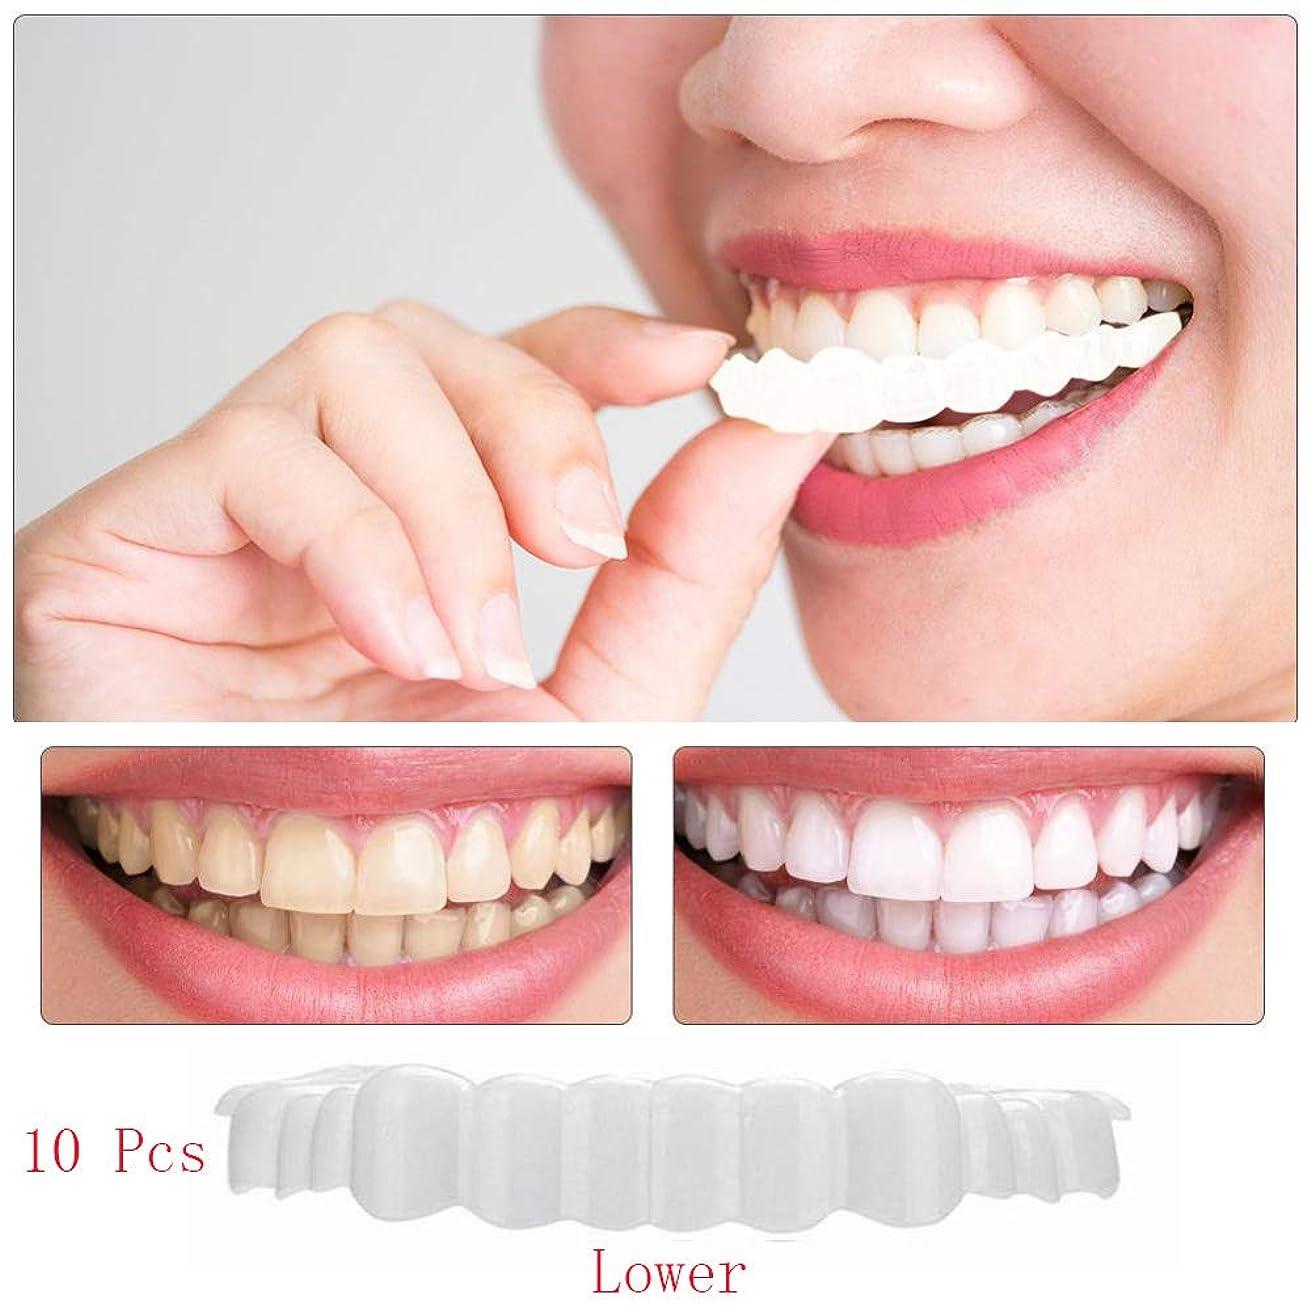 成人期オープニング特権的10ピース模擬快適歯下ホワイトニング歯化粧品歯科用化粧品義歯カバーケアクリエイティブ歯一時的な笑顔義歯